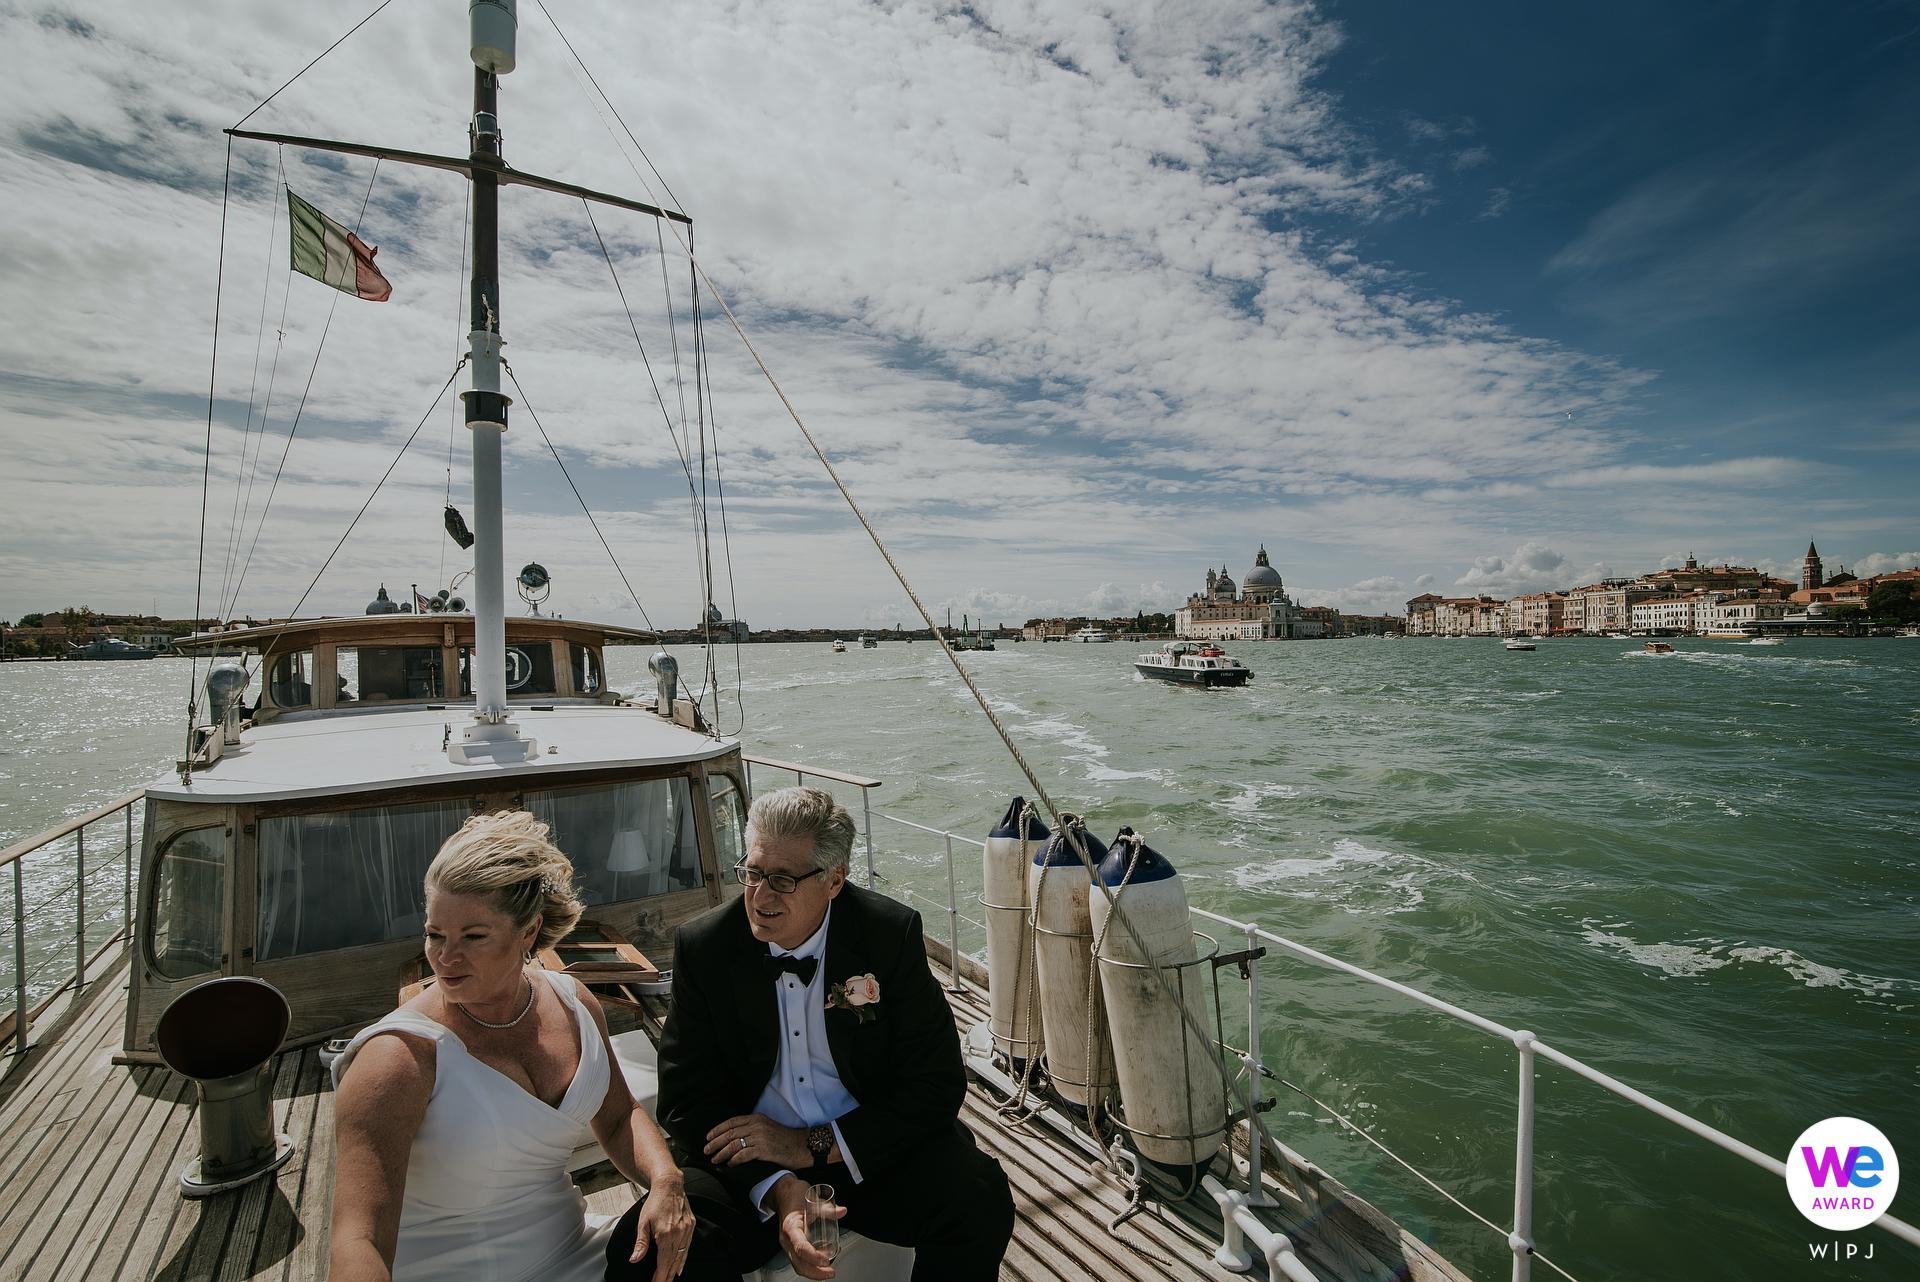 Silver Yacht, Venice Lagoon - Italië Elopement Fotografen | Het echtpaar vertrekt naar de privézeilcruise die hen de hele dag mee zal nemen